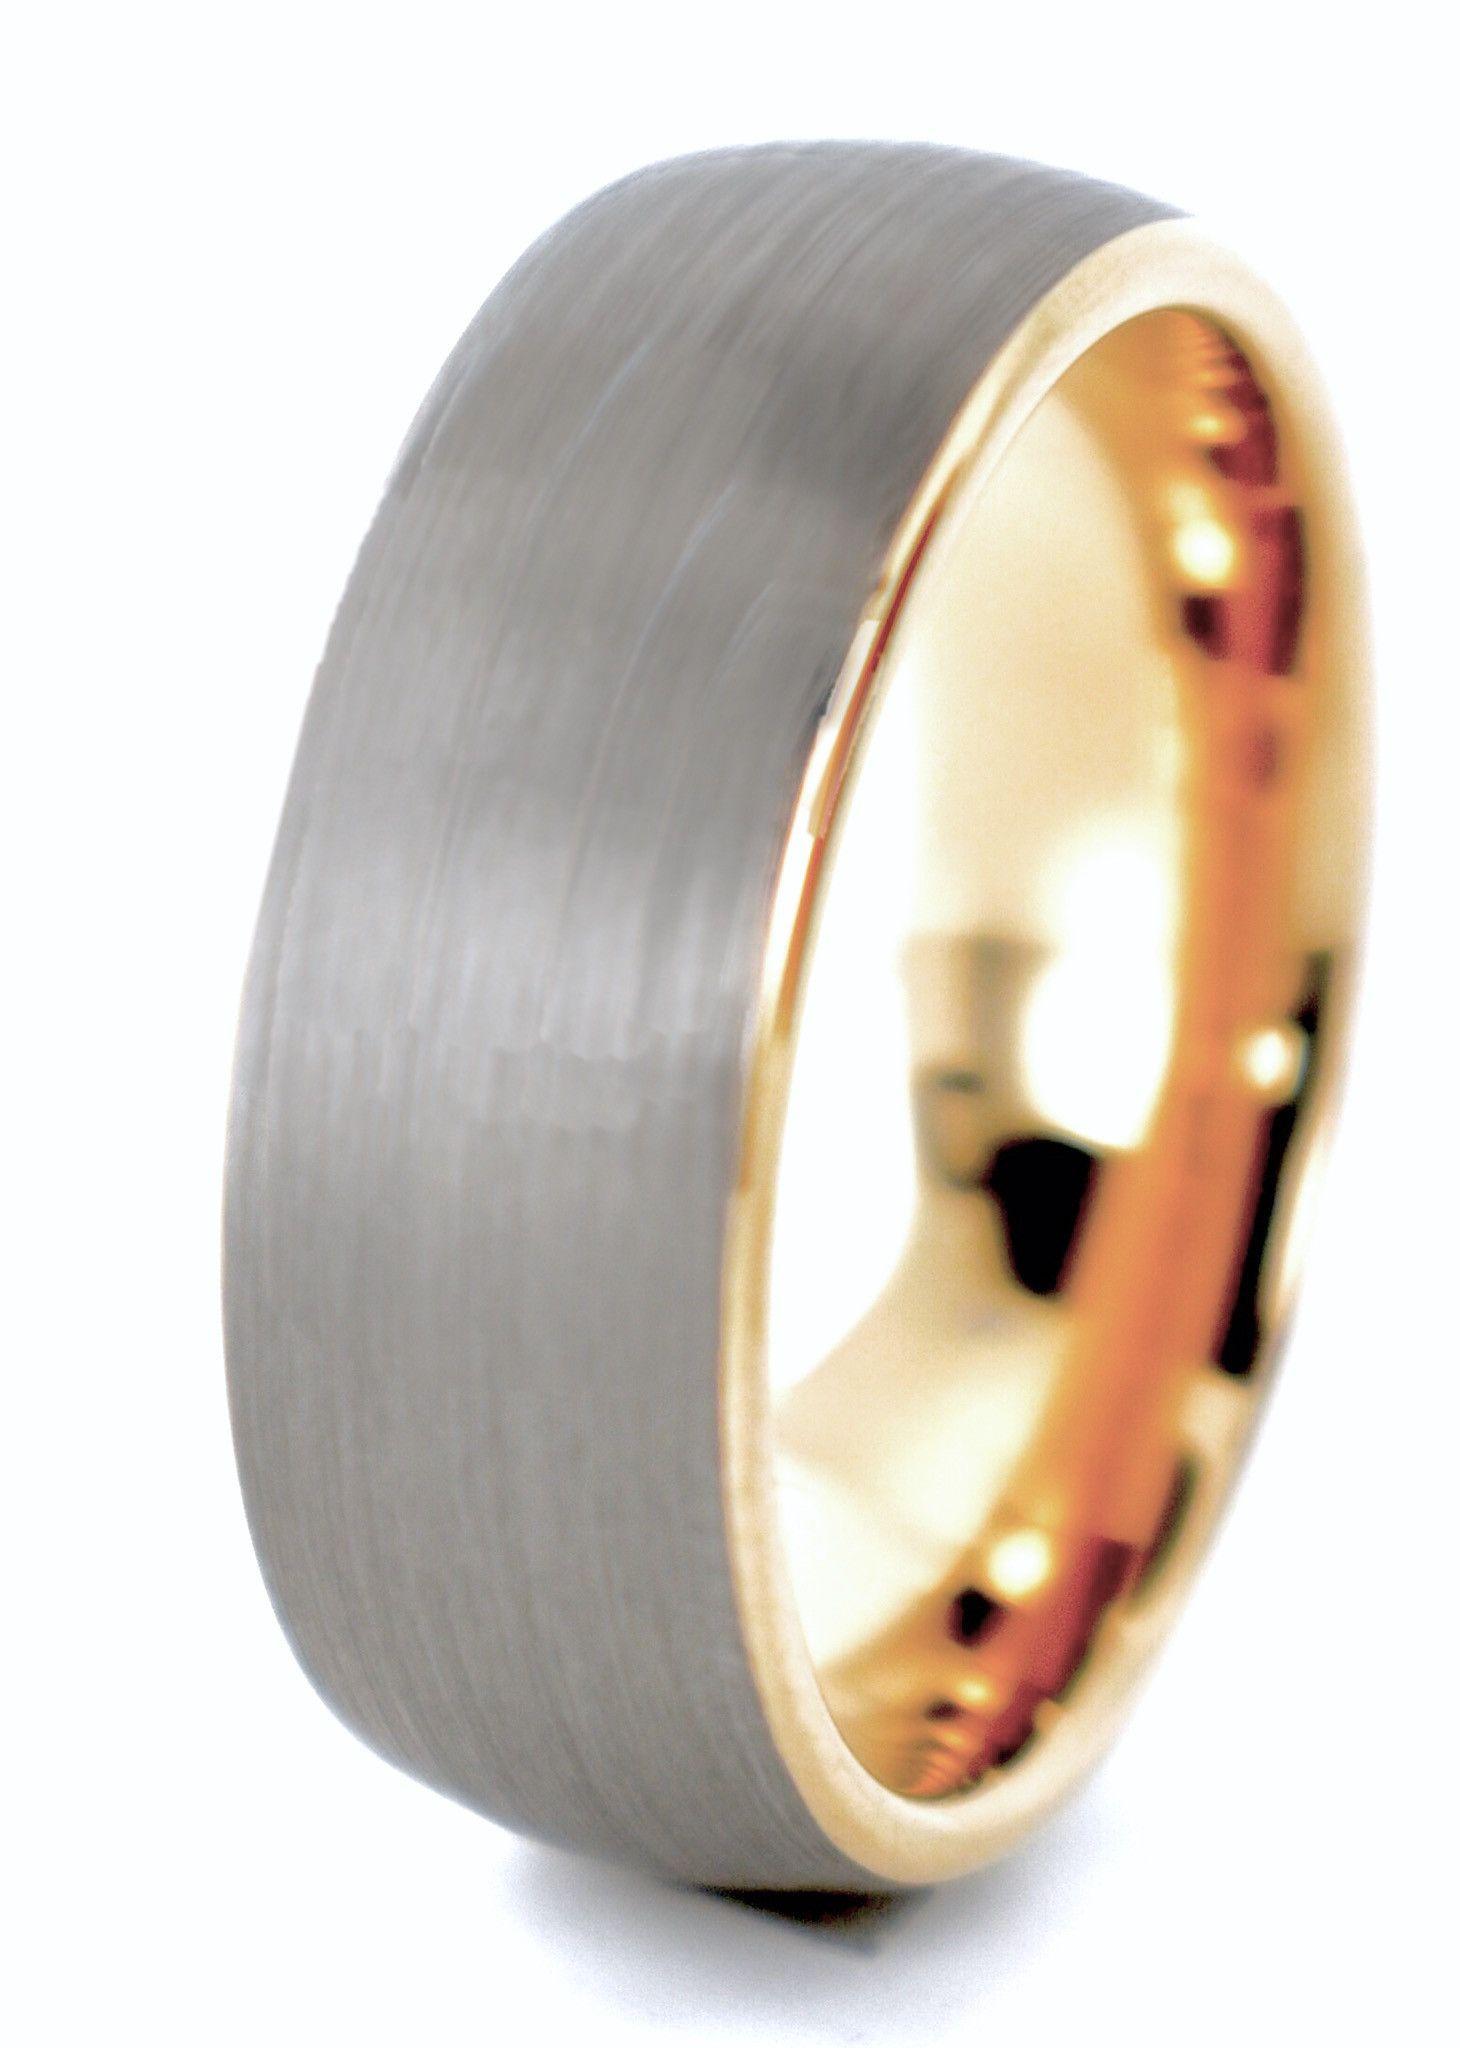 Kiross Rose Wedding ring designs, Cool wedding rings